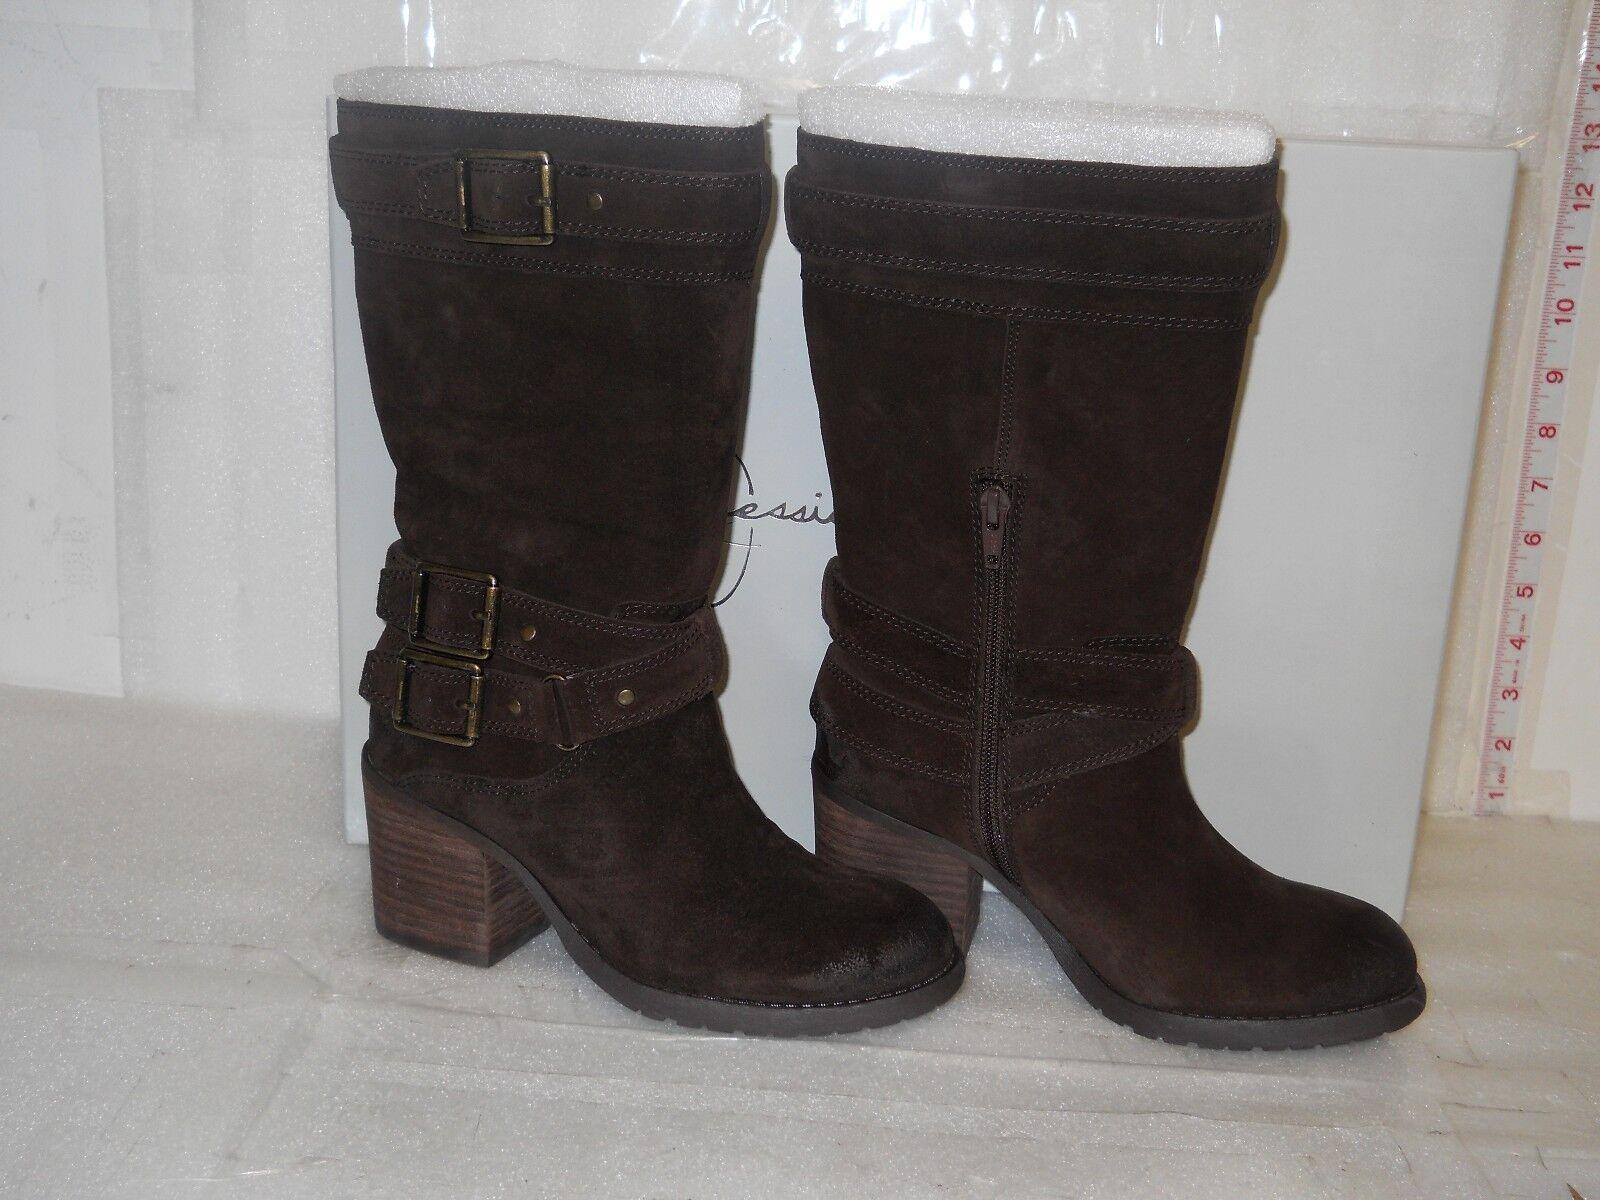 Jessica Simpson NEU Damenschuhe Nermin Tobacco Suede Leder Stiefel 5 M Schuhes